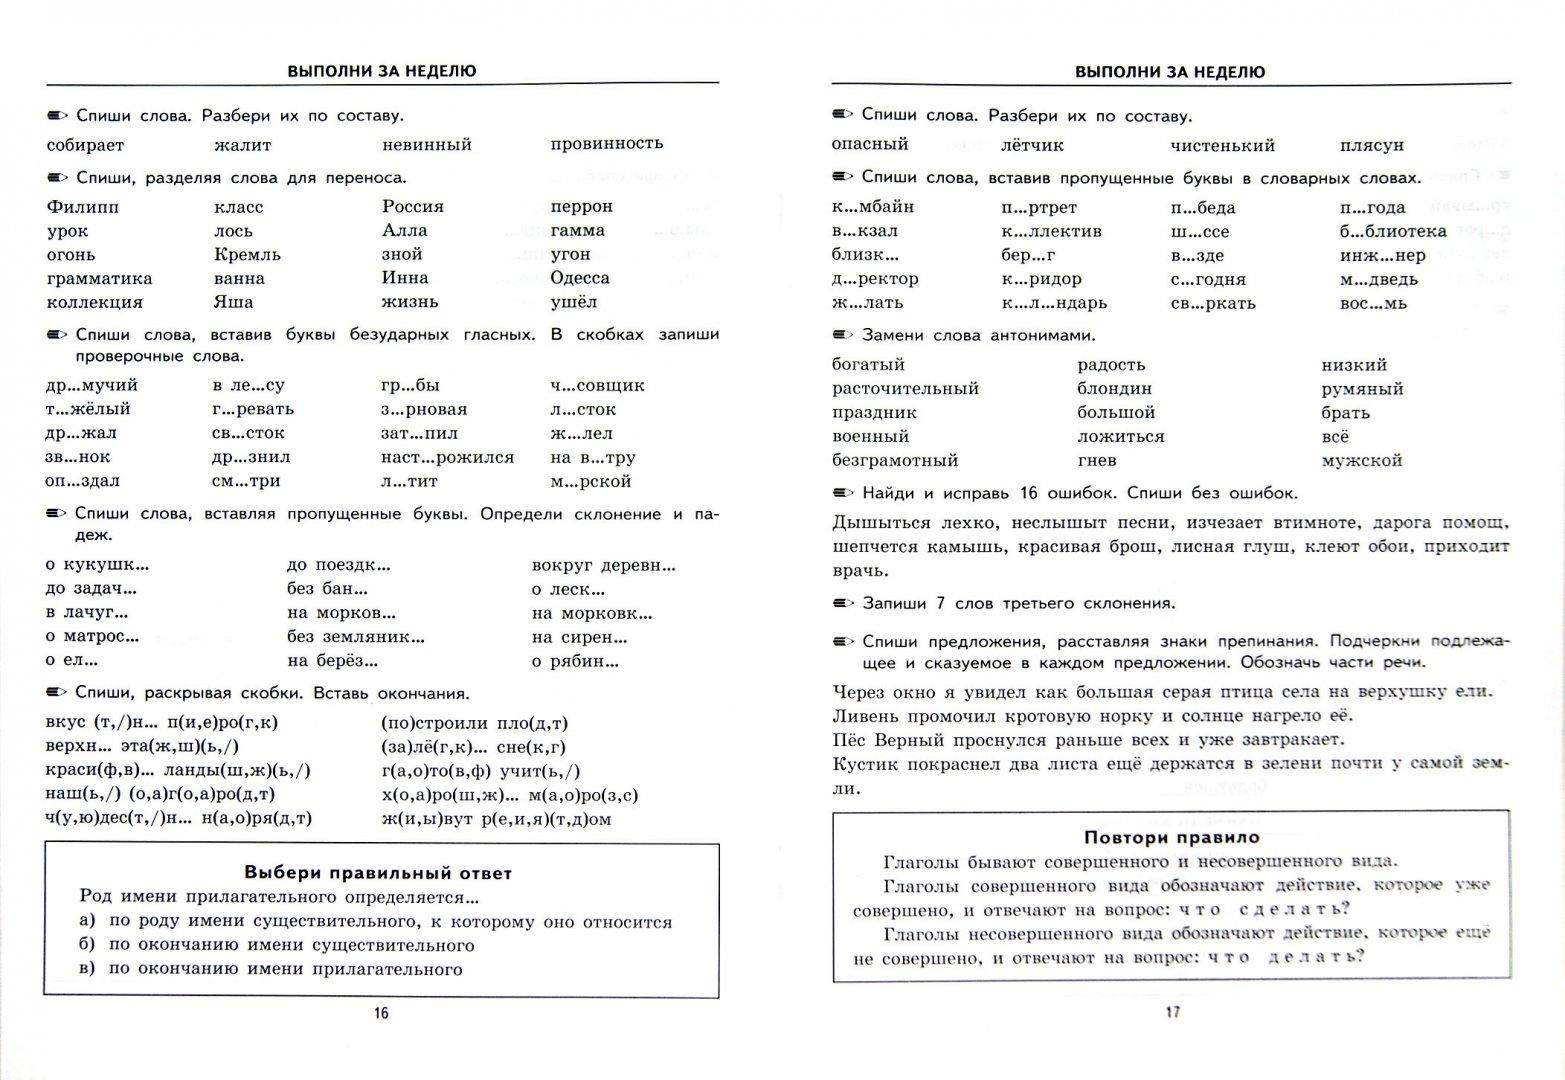 Иллюстрация 2 из 34 для Русский язык. 4 класс. Тренировочные примеры. Задания для повторения и закрепления. ФГОС - Марта Кузнецова | Лабиринт - книги. Источник: Лабиринт